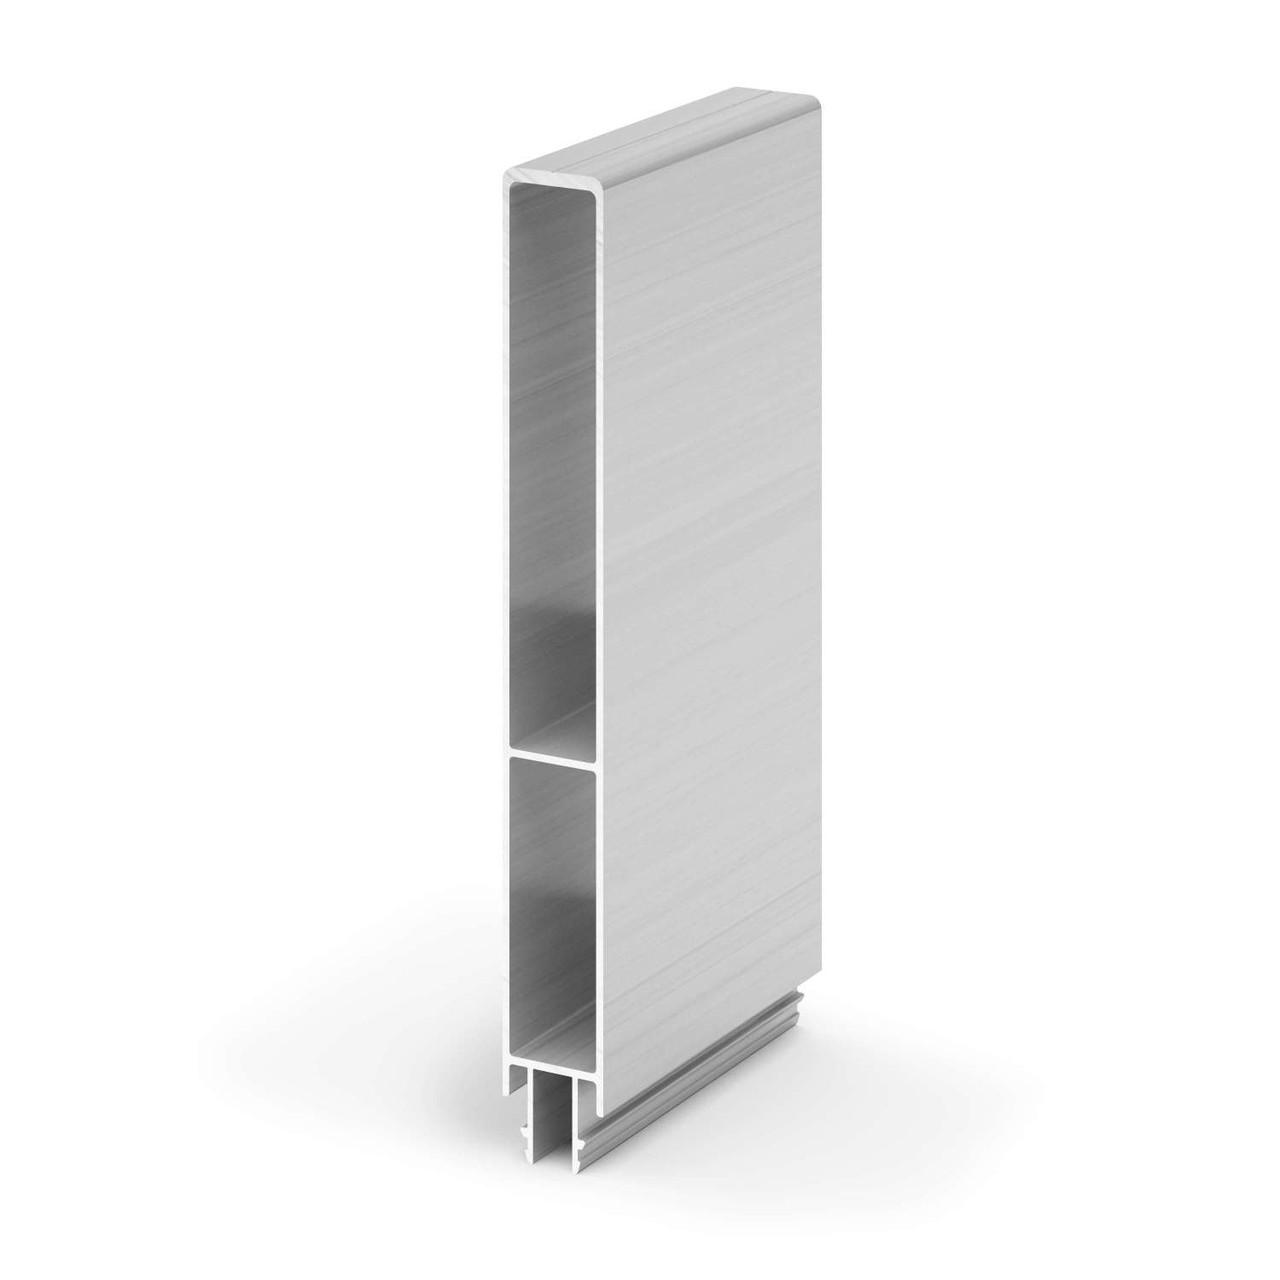 Борта наборні - верхній профіль алюміній  200мм Takler Італія